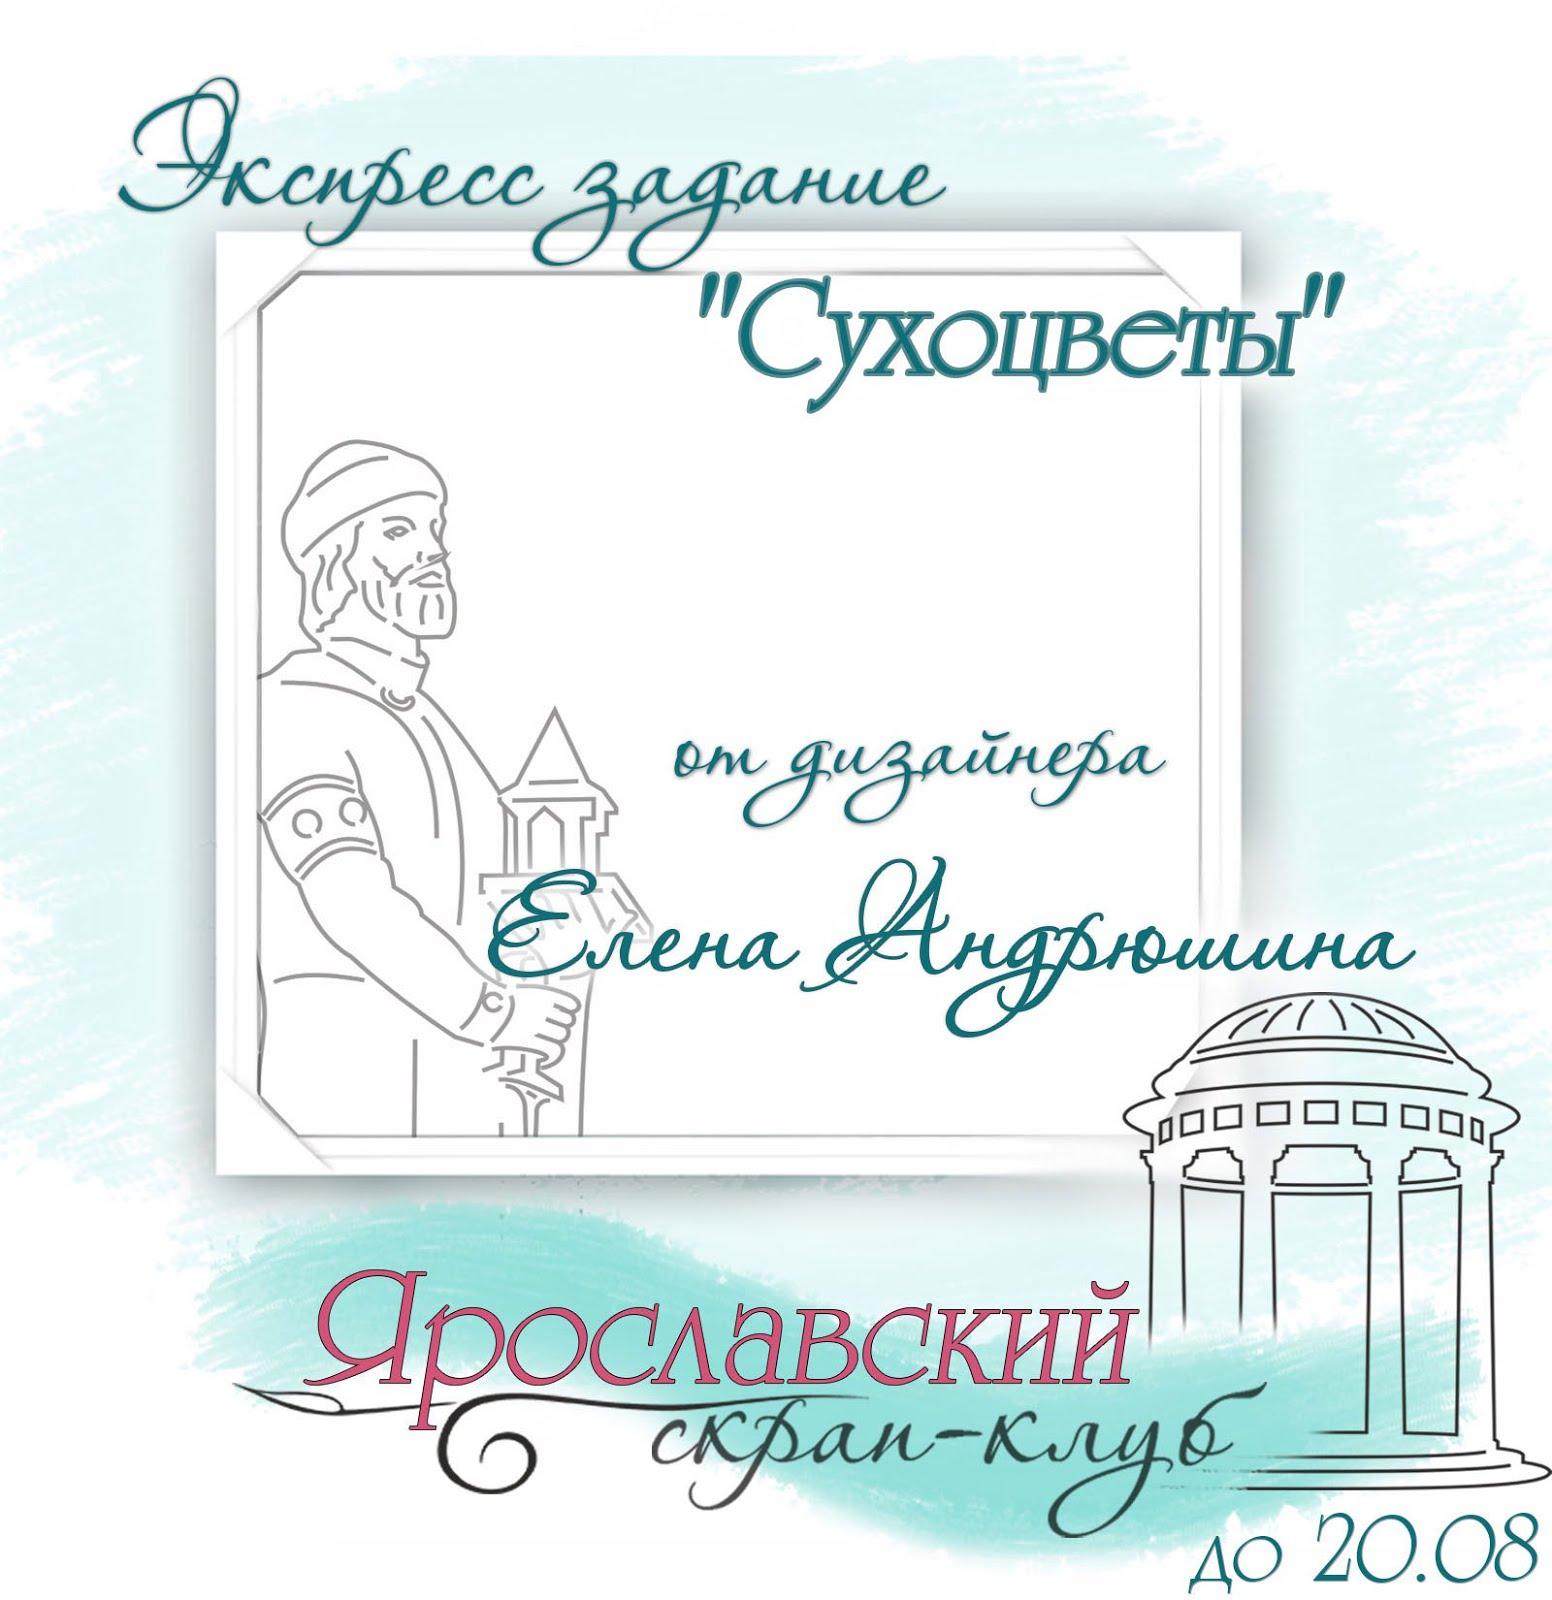 """Экспресс-задание """"Сухоцветы"""" до 20.08.17"""